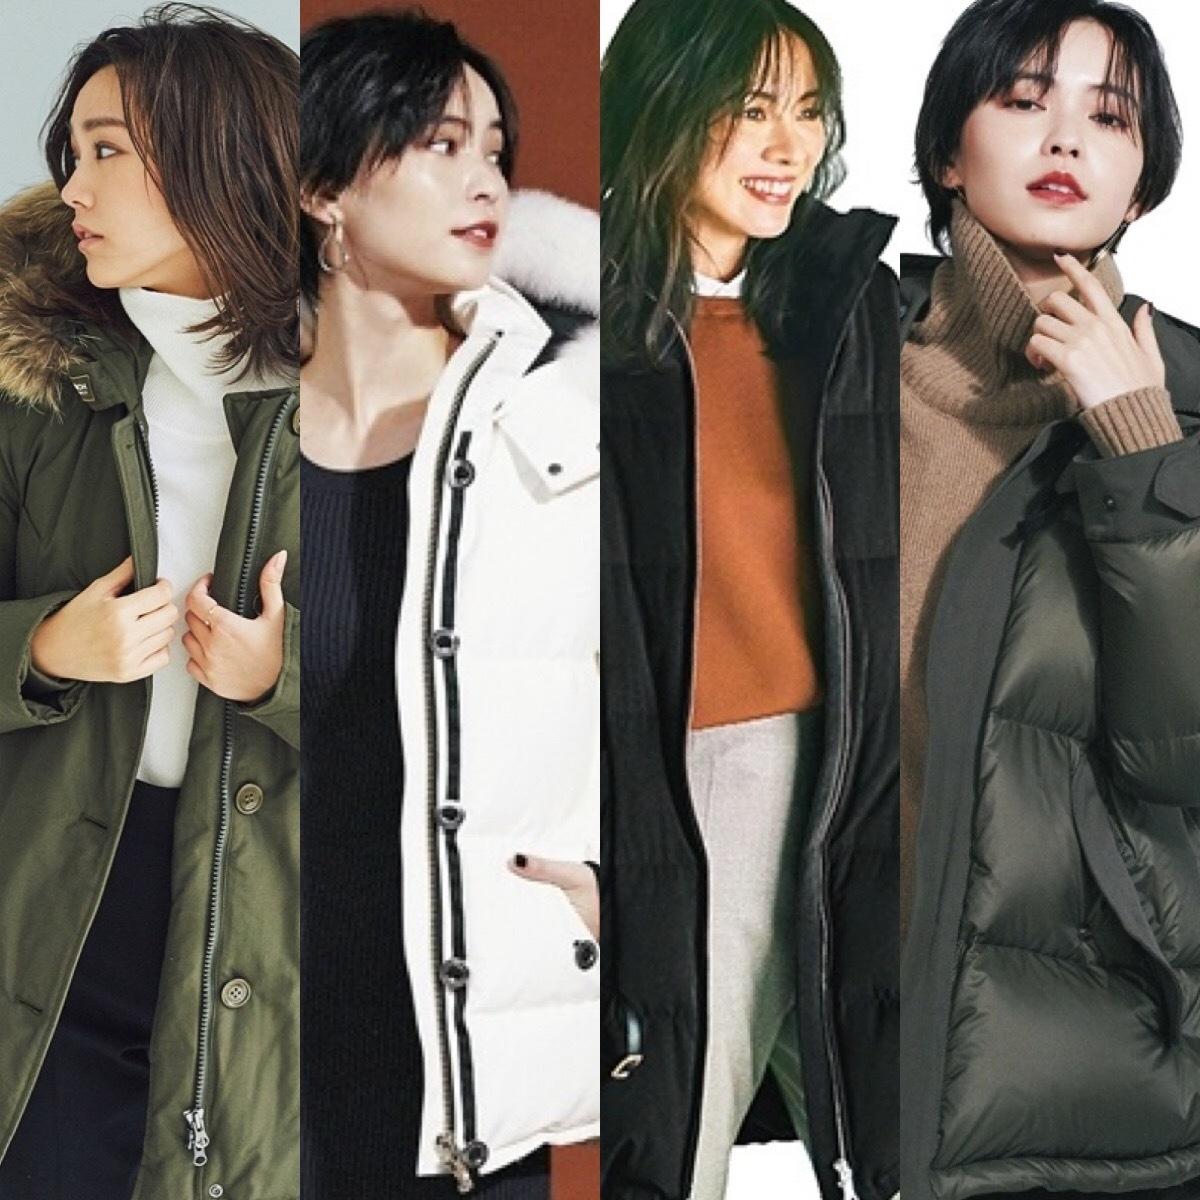 通勤OK【ダウンコート】2018-19秋冬きれいめコーデ24【30代レディースファッション】